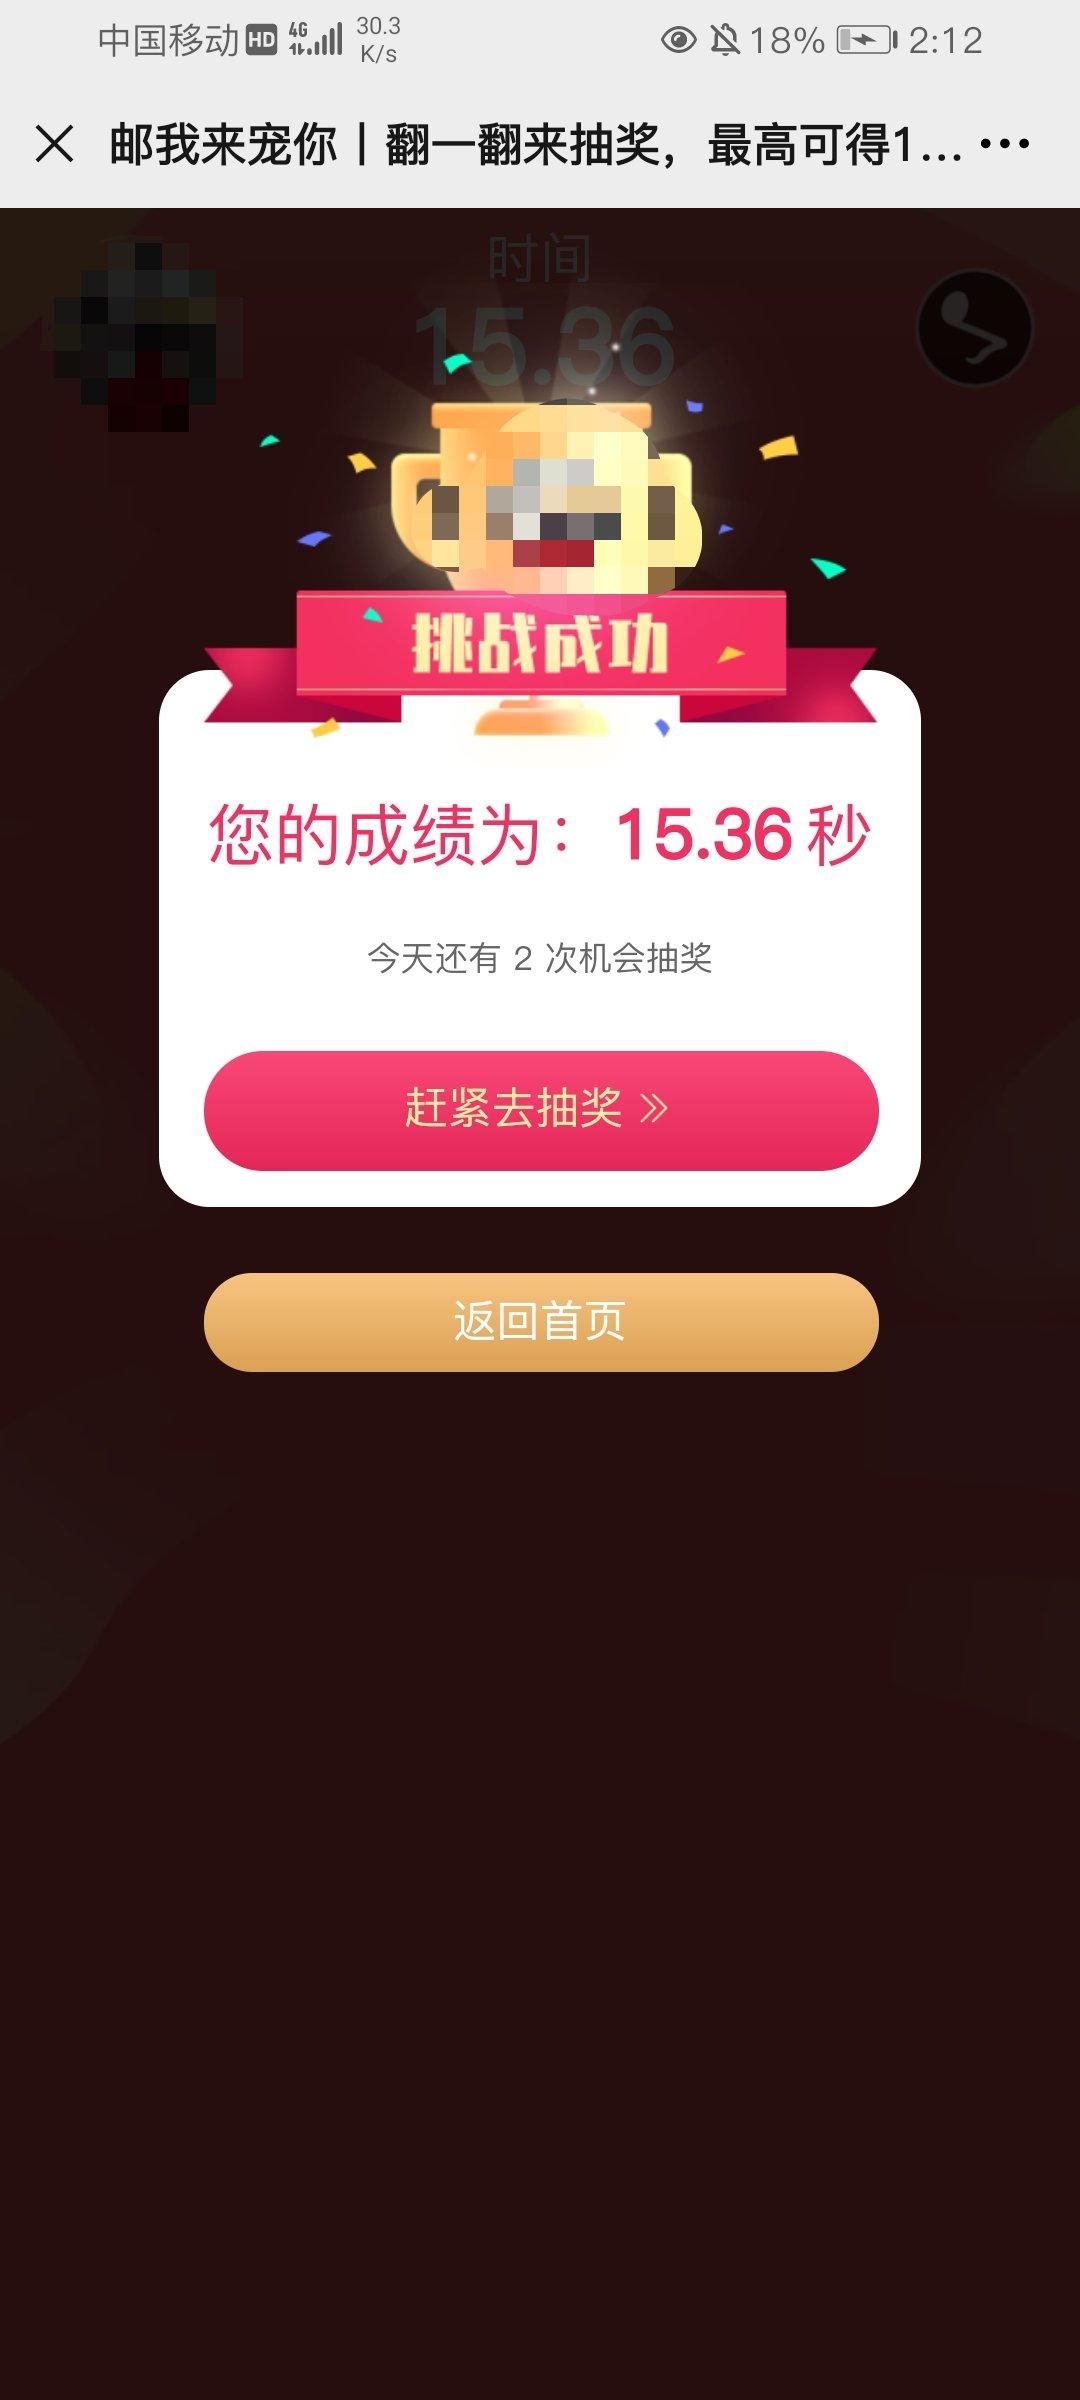 邮储银行广东分行翻牌抽大奖